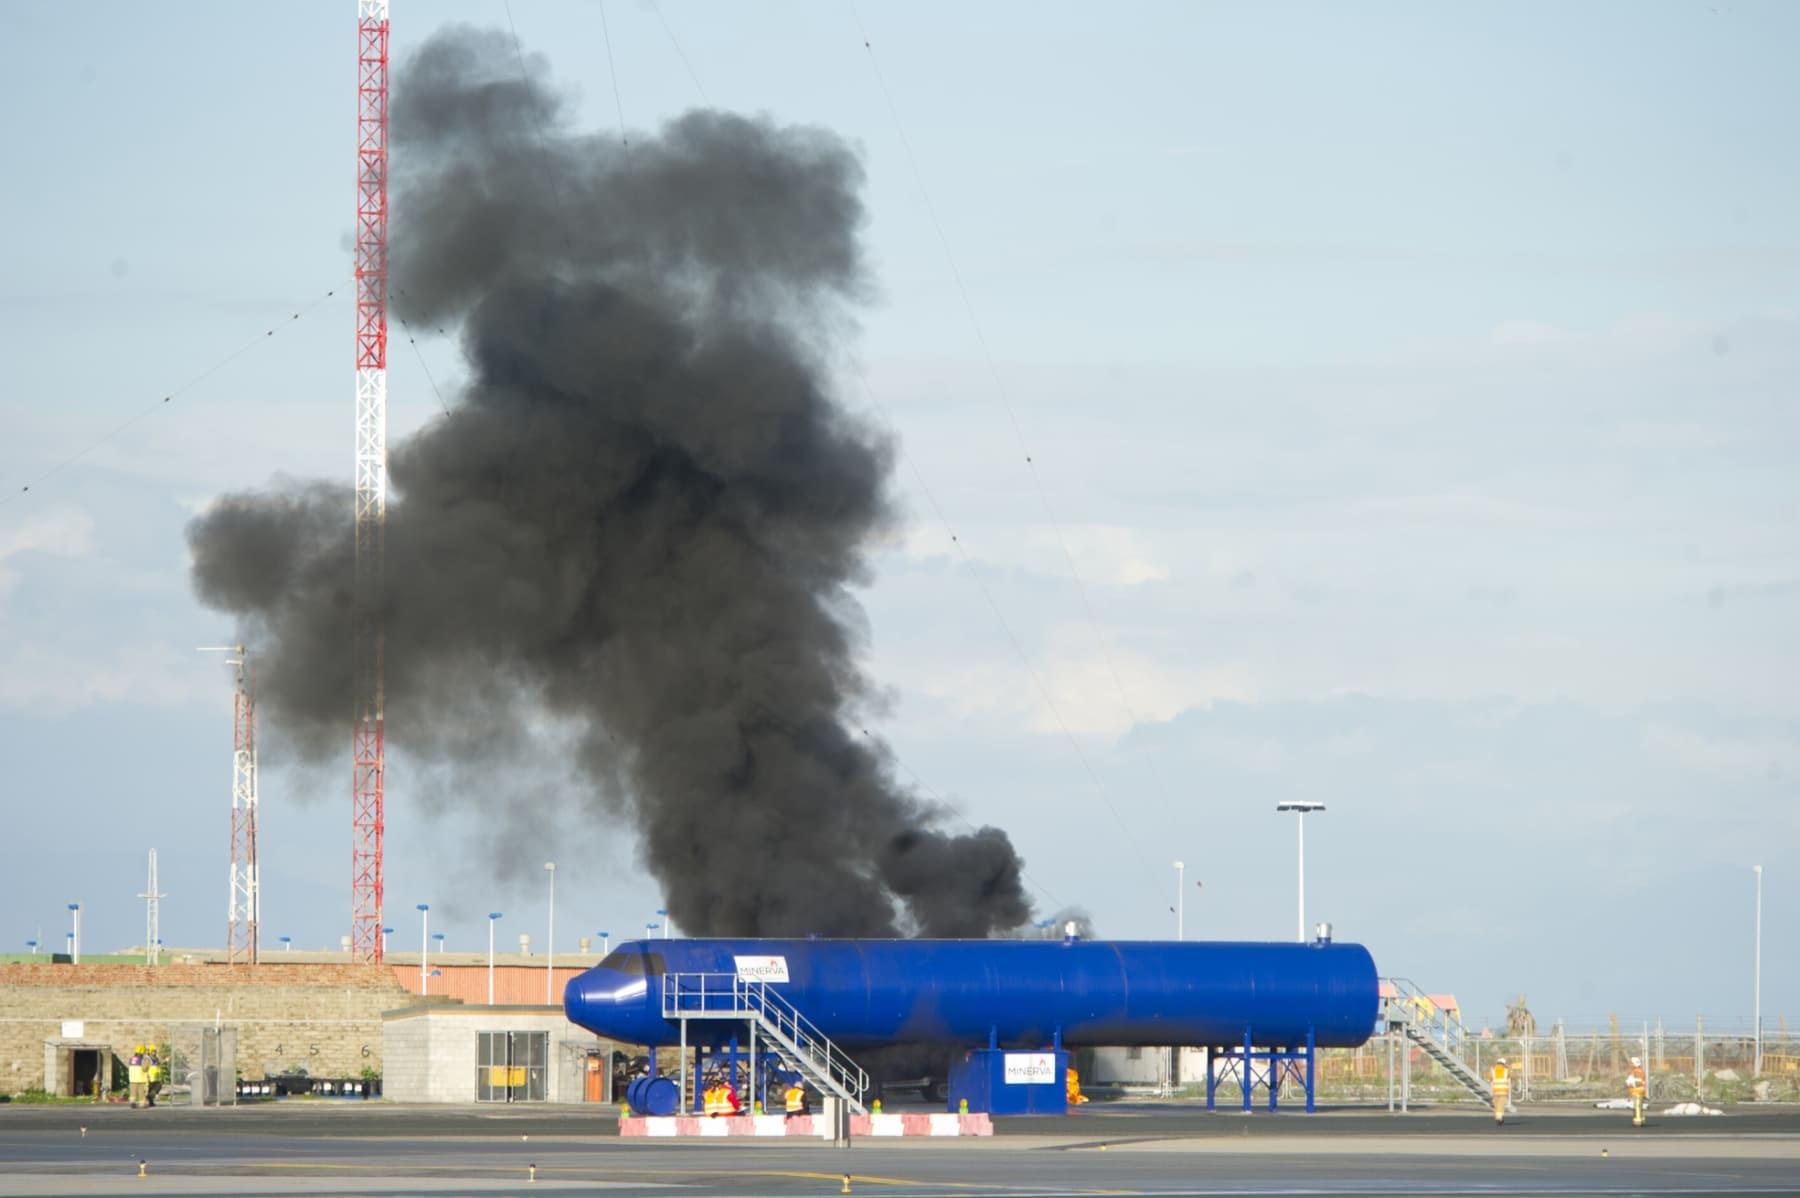 simulacro-accidente-aereo-en-gibraltar-03122014-04_15757900269_o